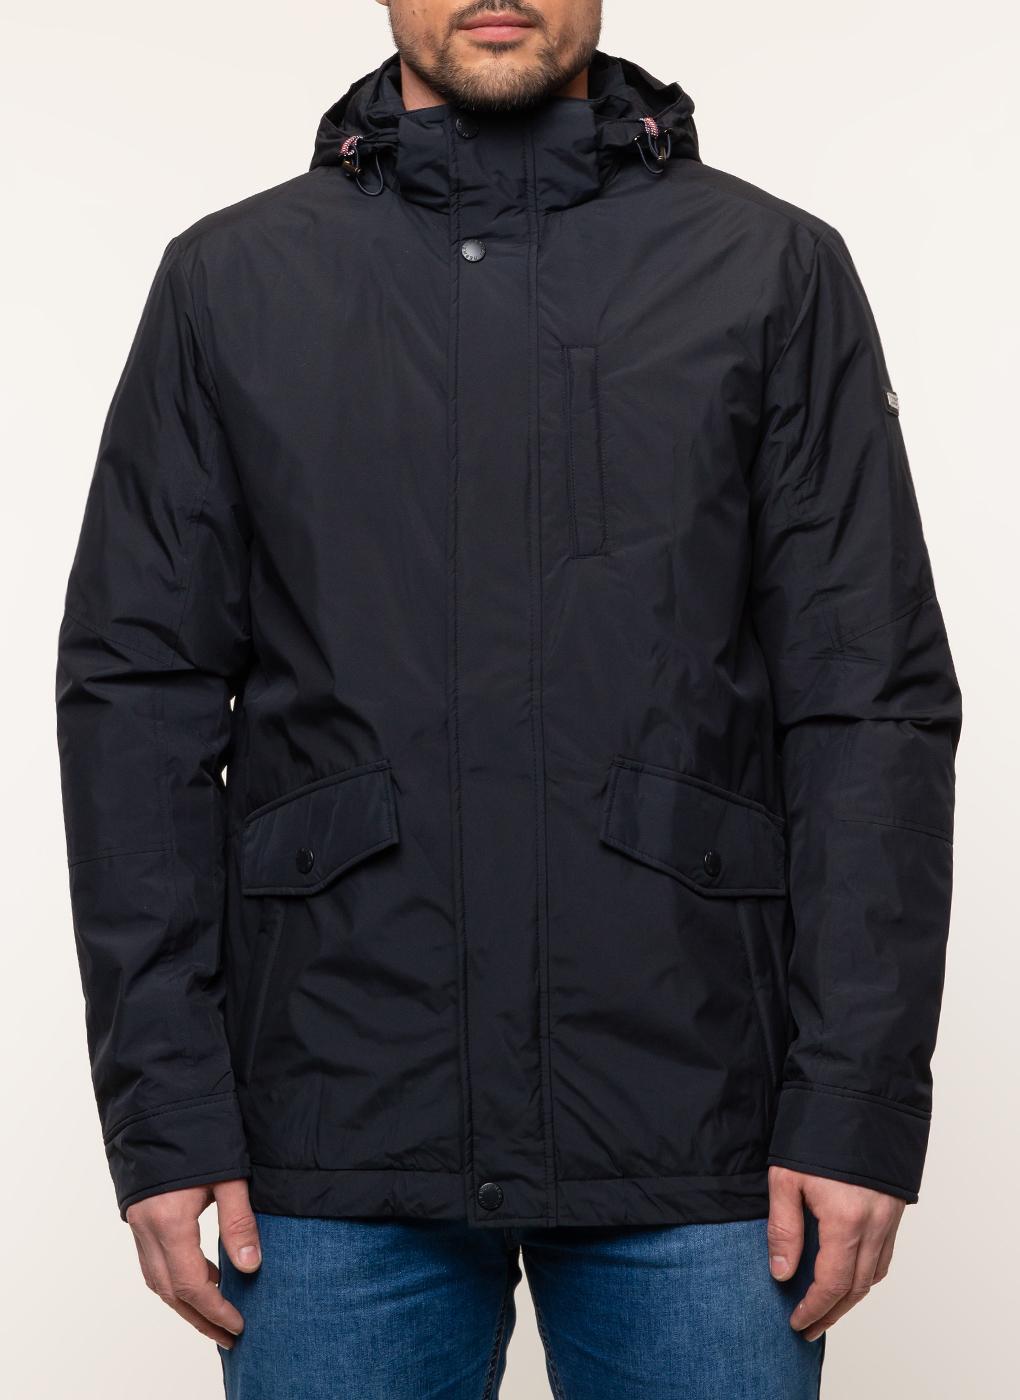 Куртка мужская утепленная 04, Hermzi фото